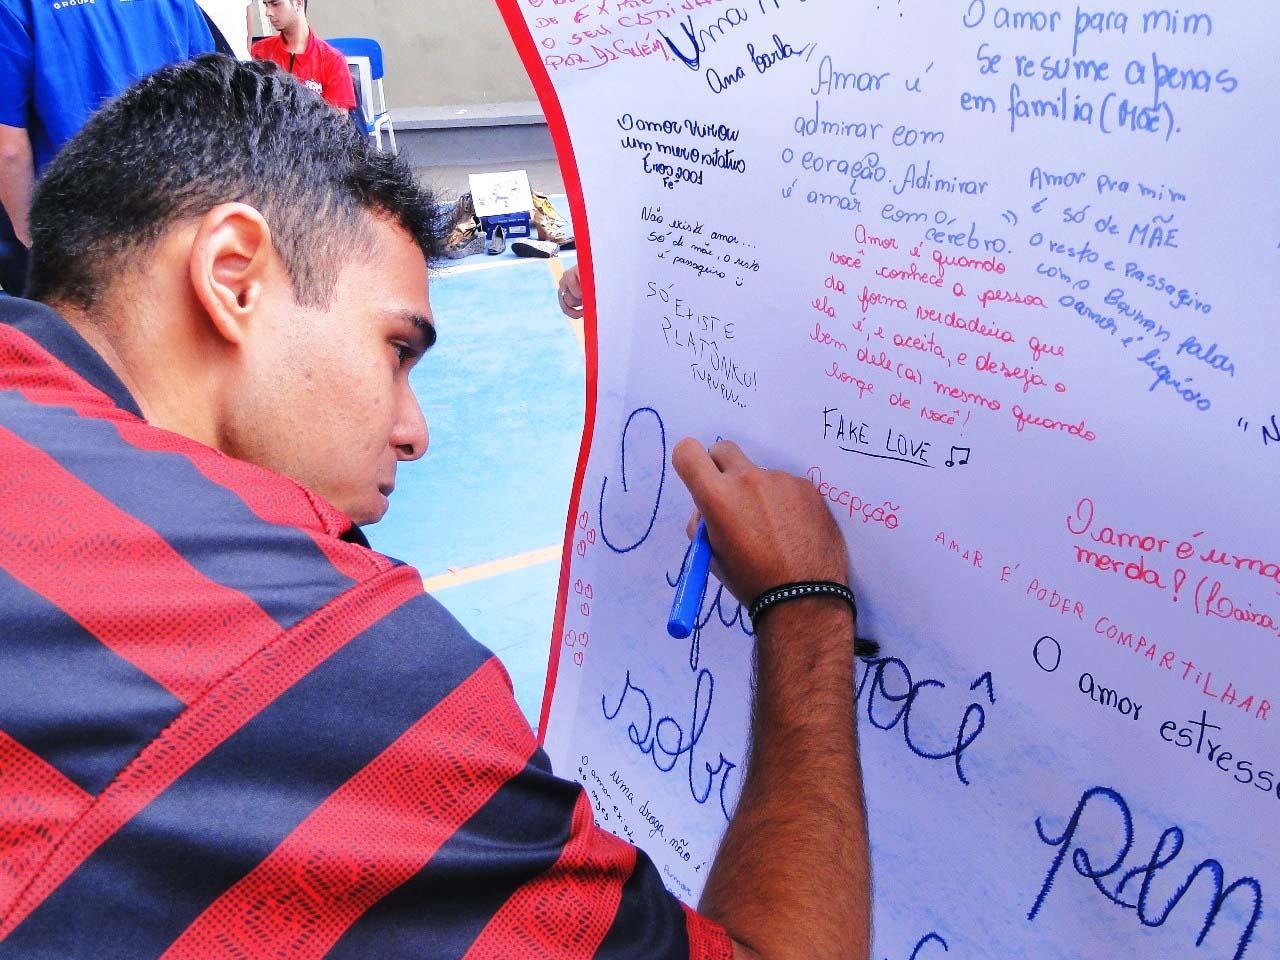 Aluno, vestindo camiseta listrada em vermelho e azul, escreve de canetão em cartaz com várias frases de outros estudantes. Fim da descrição.